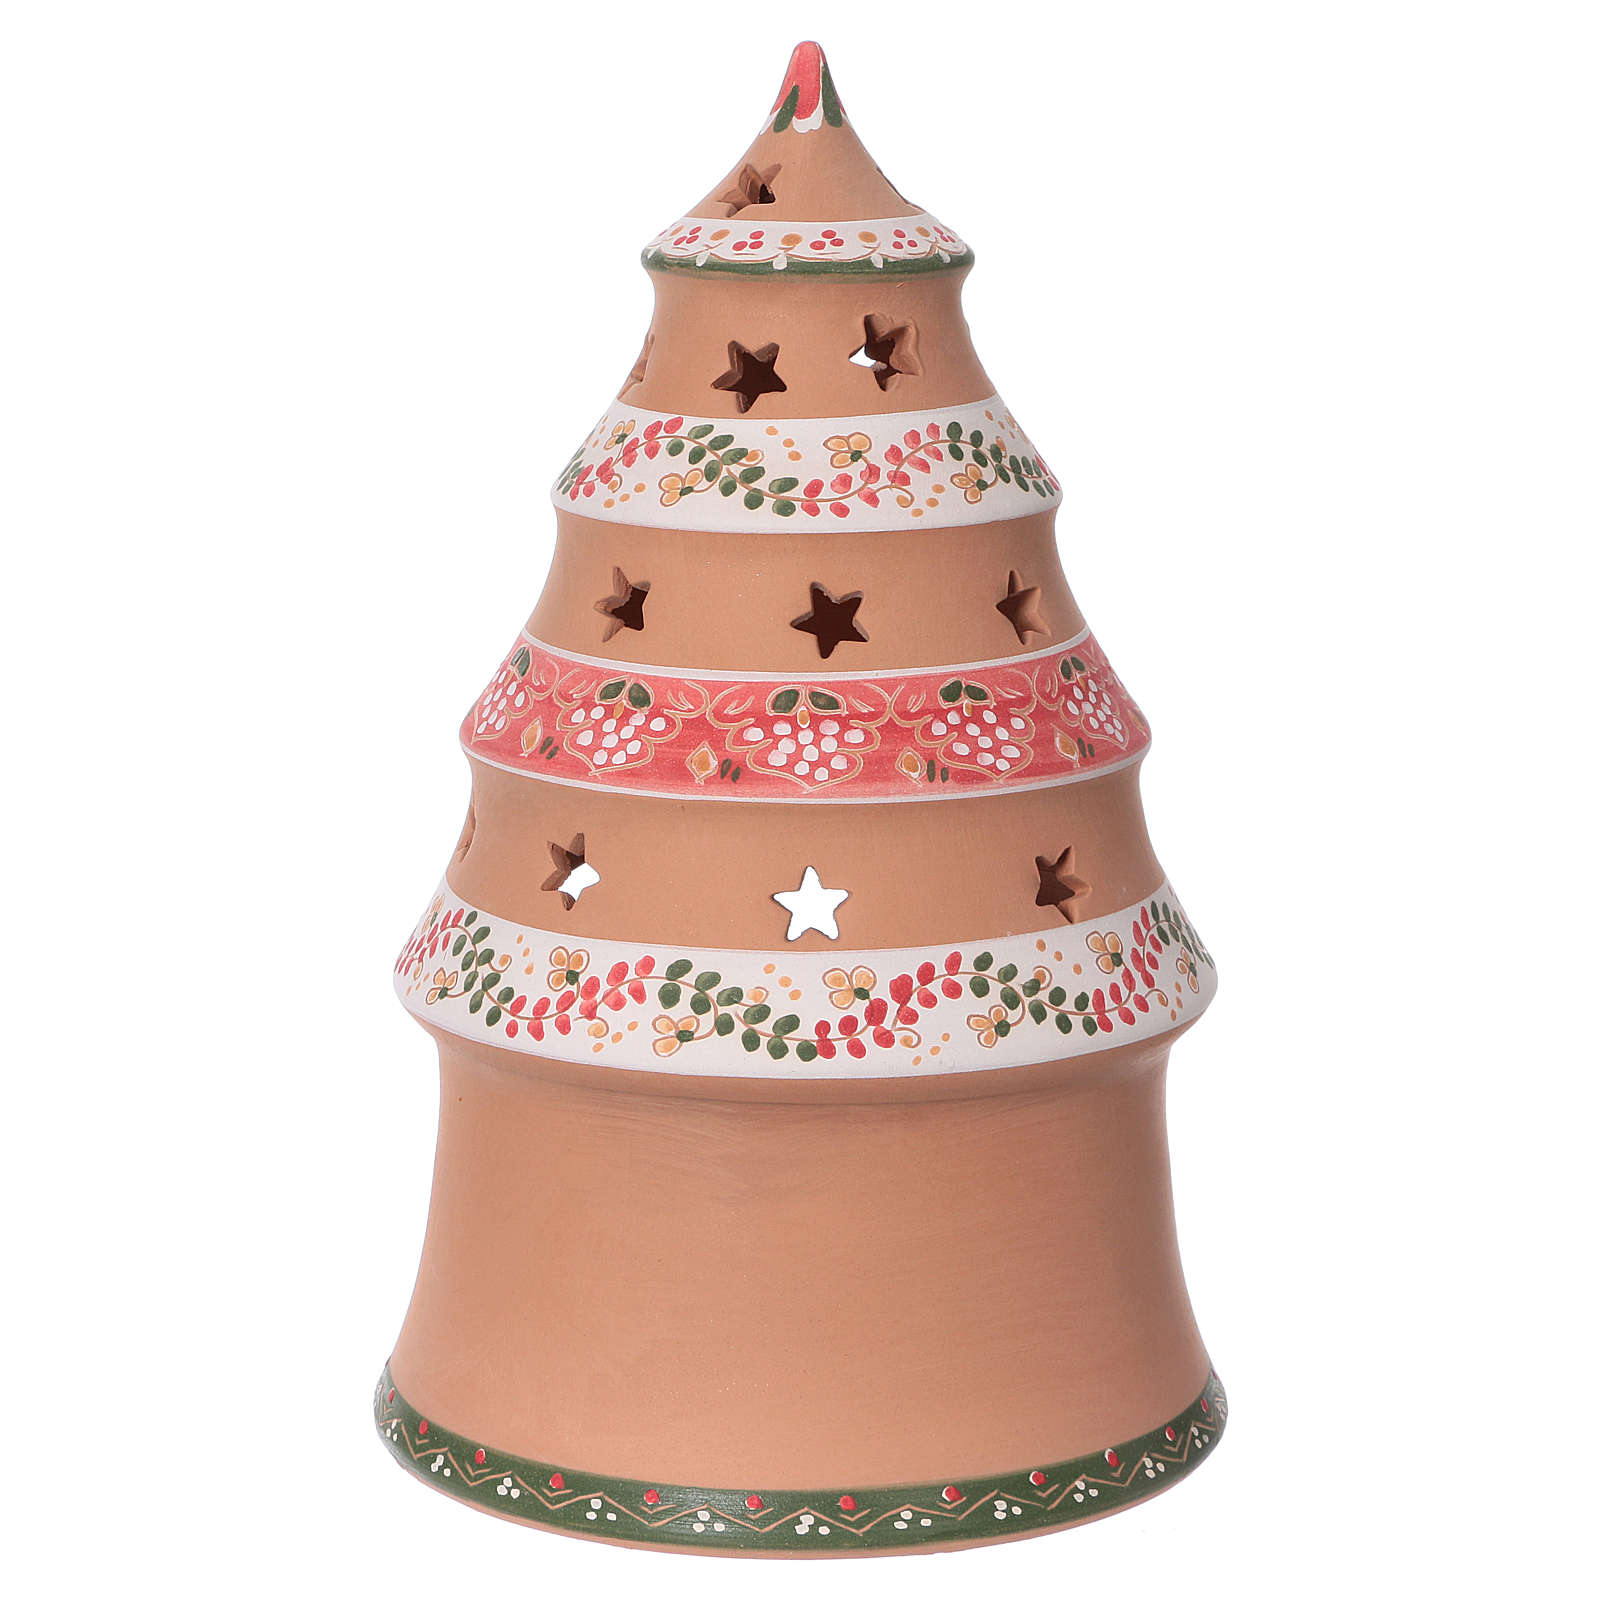 Albero di natale 25x15x15 cm con natività 7 cm stile country in ceramica Deruta 4